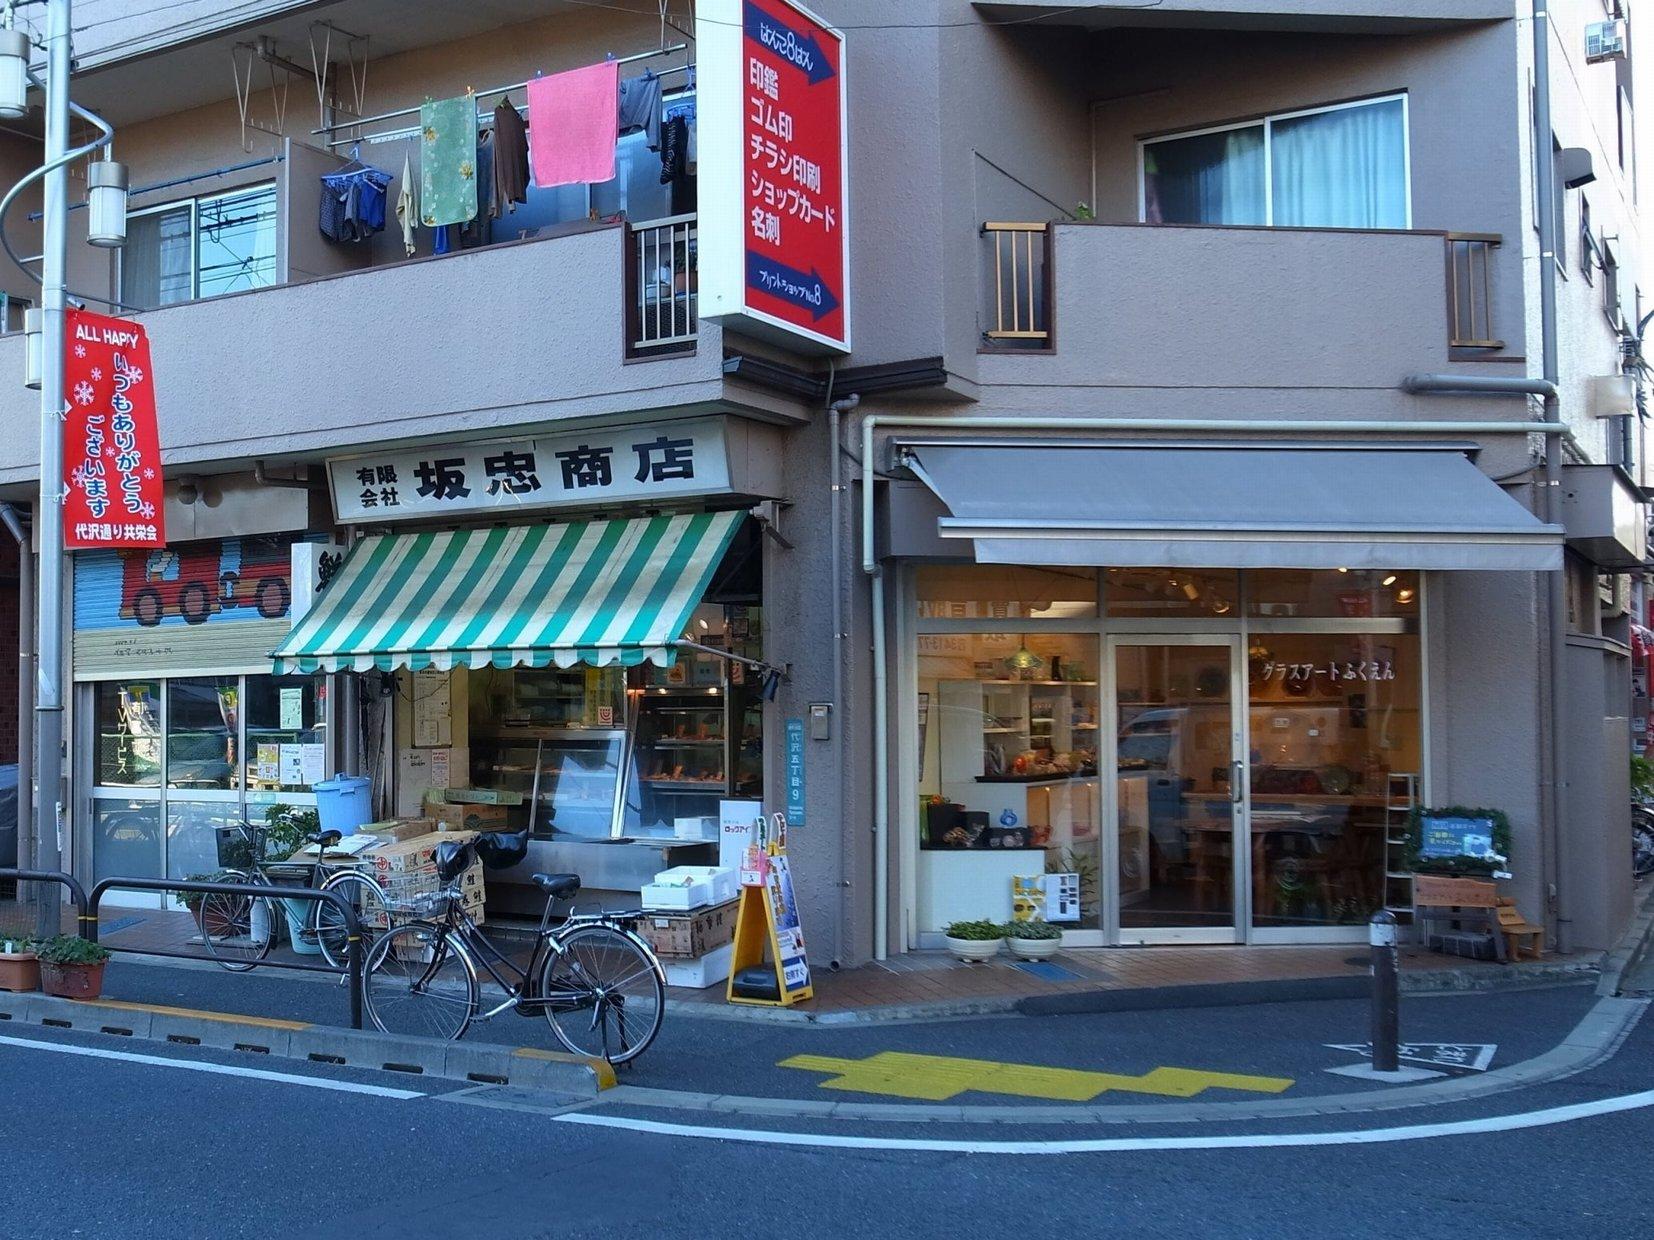 下北沢唯一?の魚屋、「鮮魚坂忠商店」